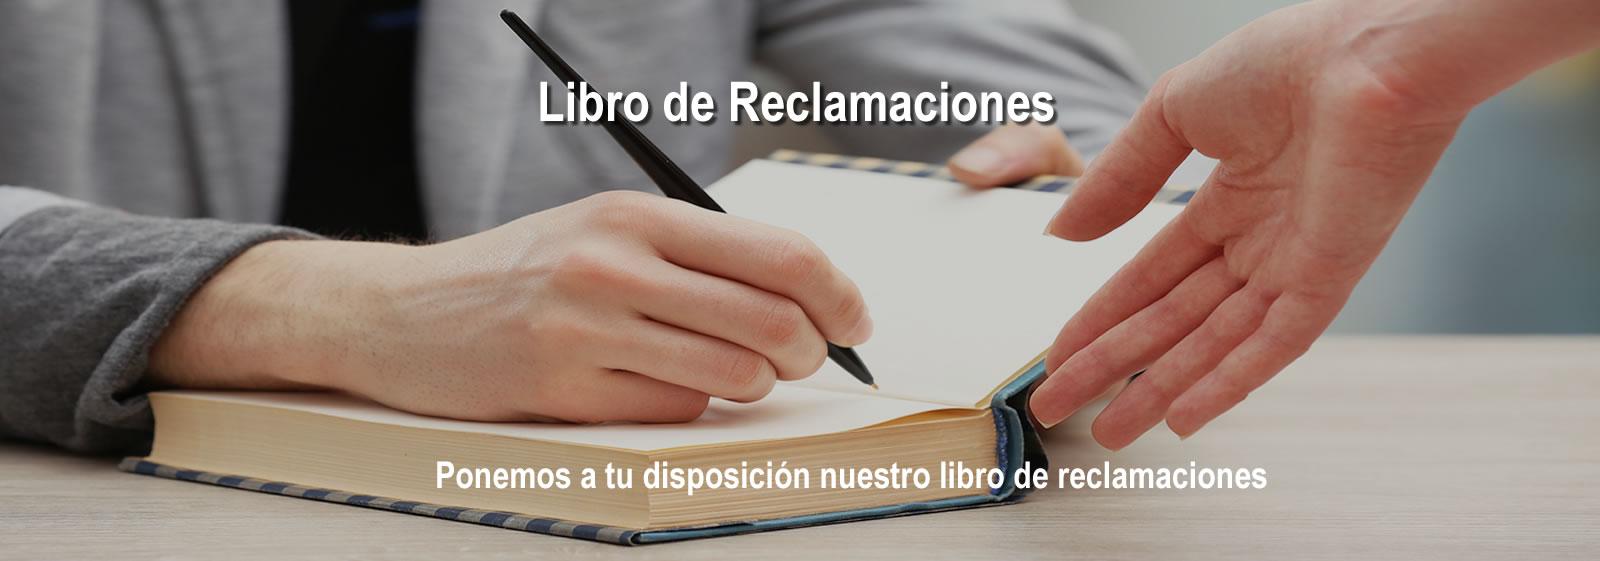 Tenerife-Connect klachten winkel boek consument bescherming economie formulier